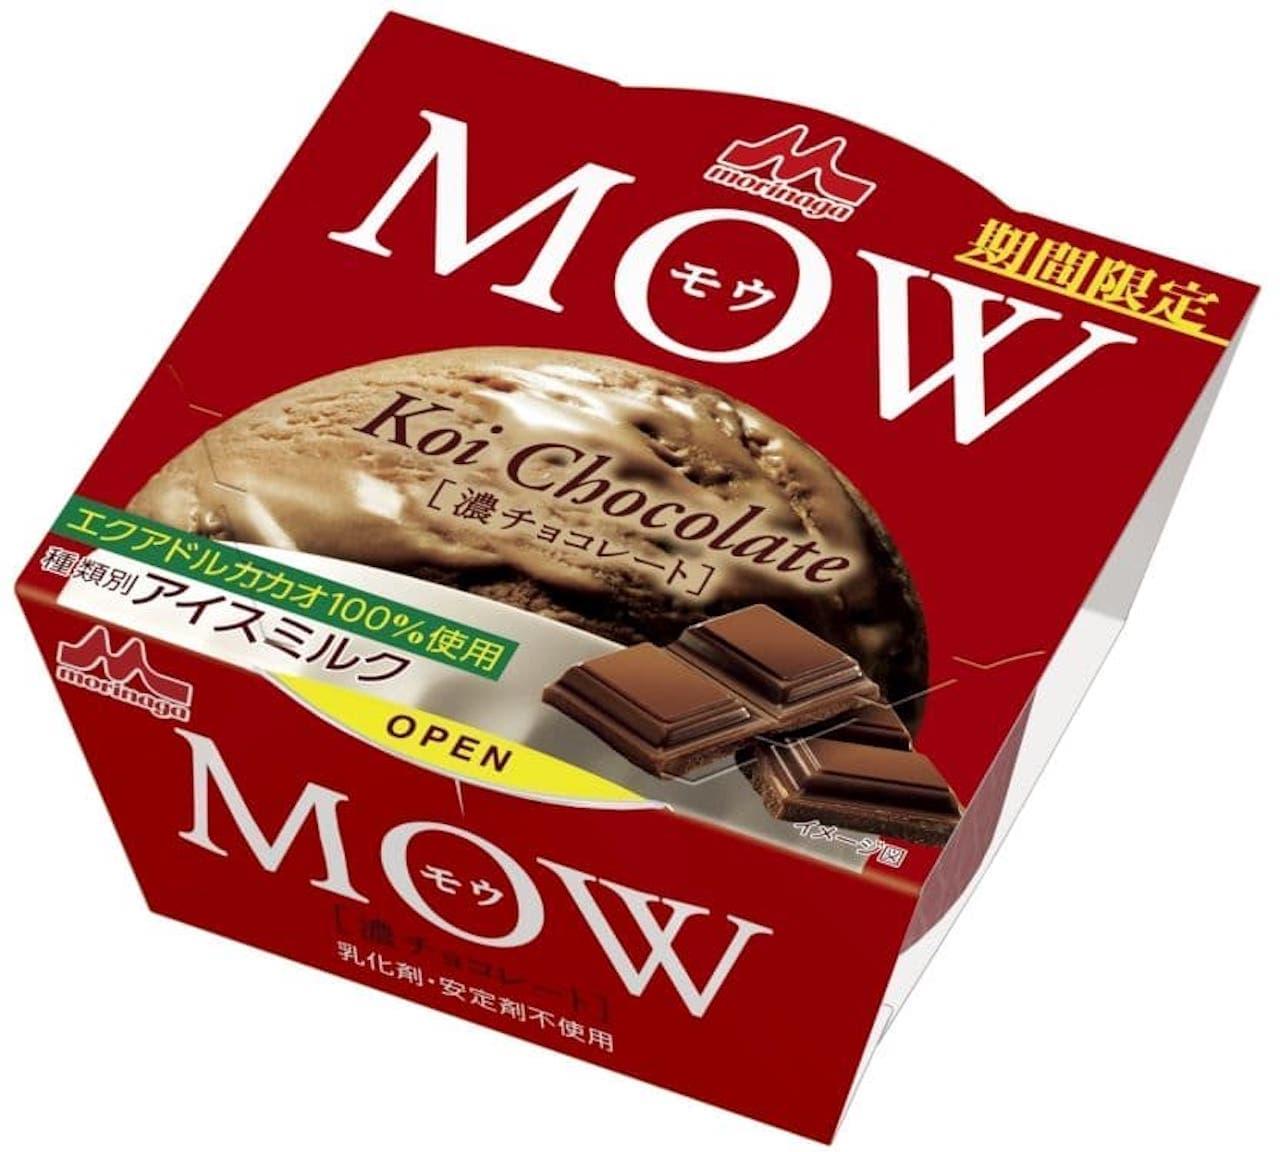 MOW(モウ)シリーズ「MOW 濃チョコレート」